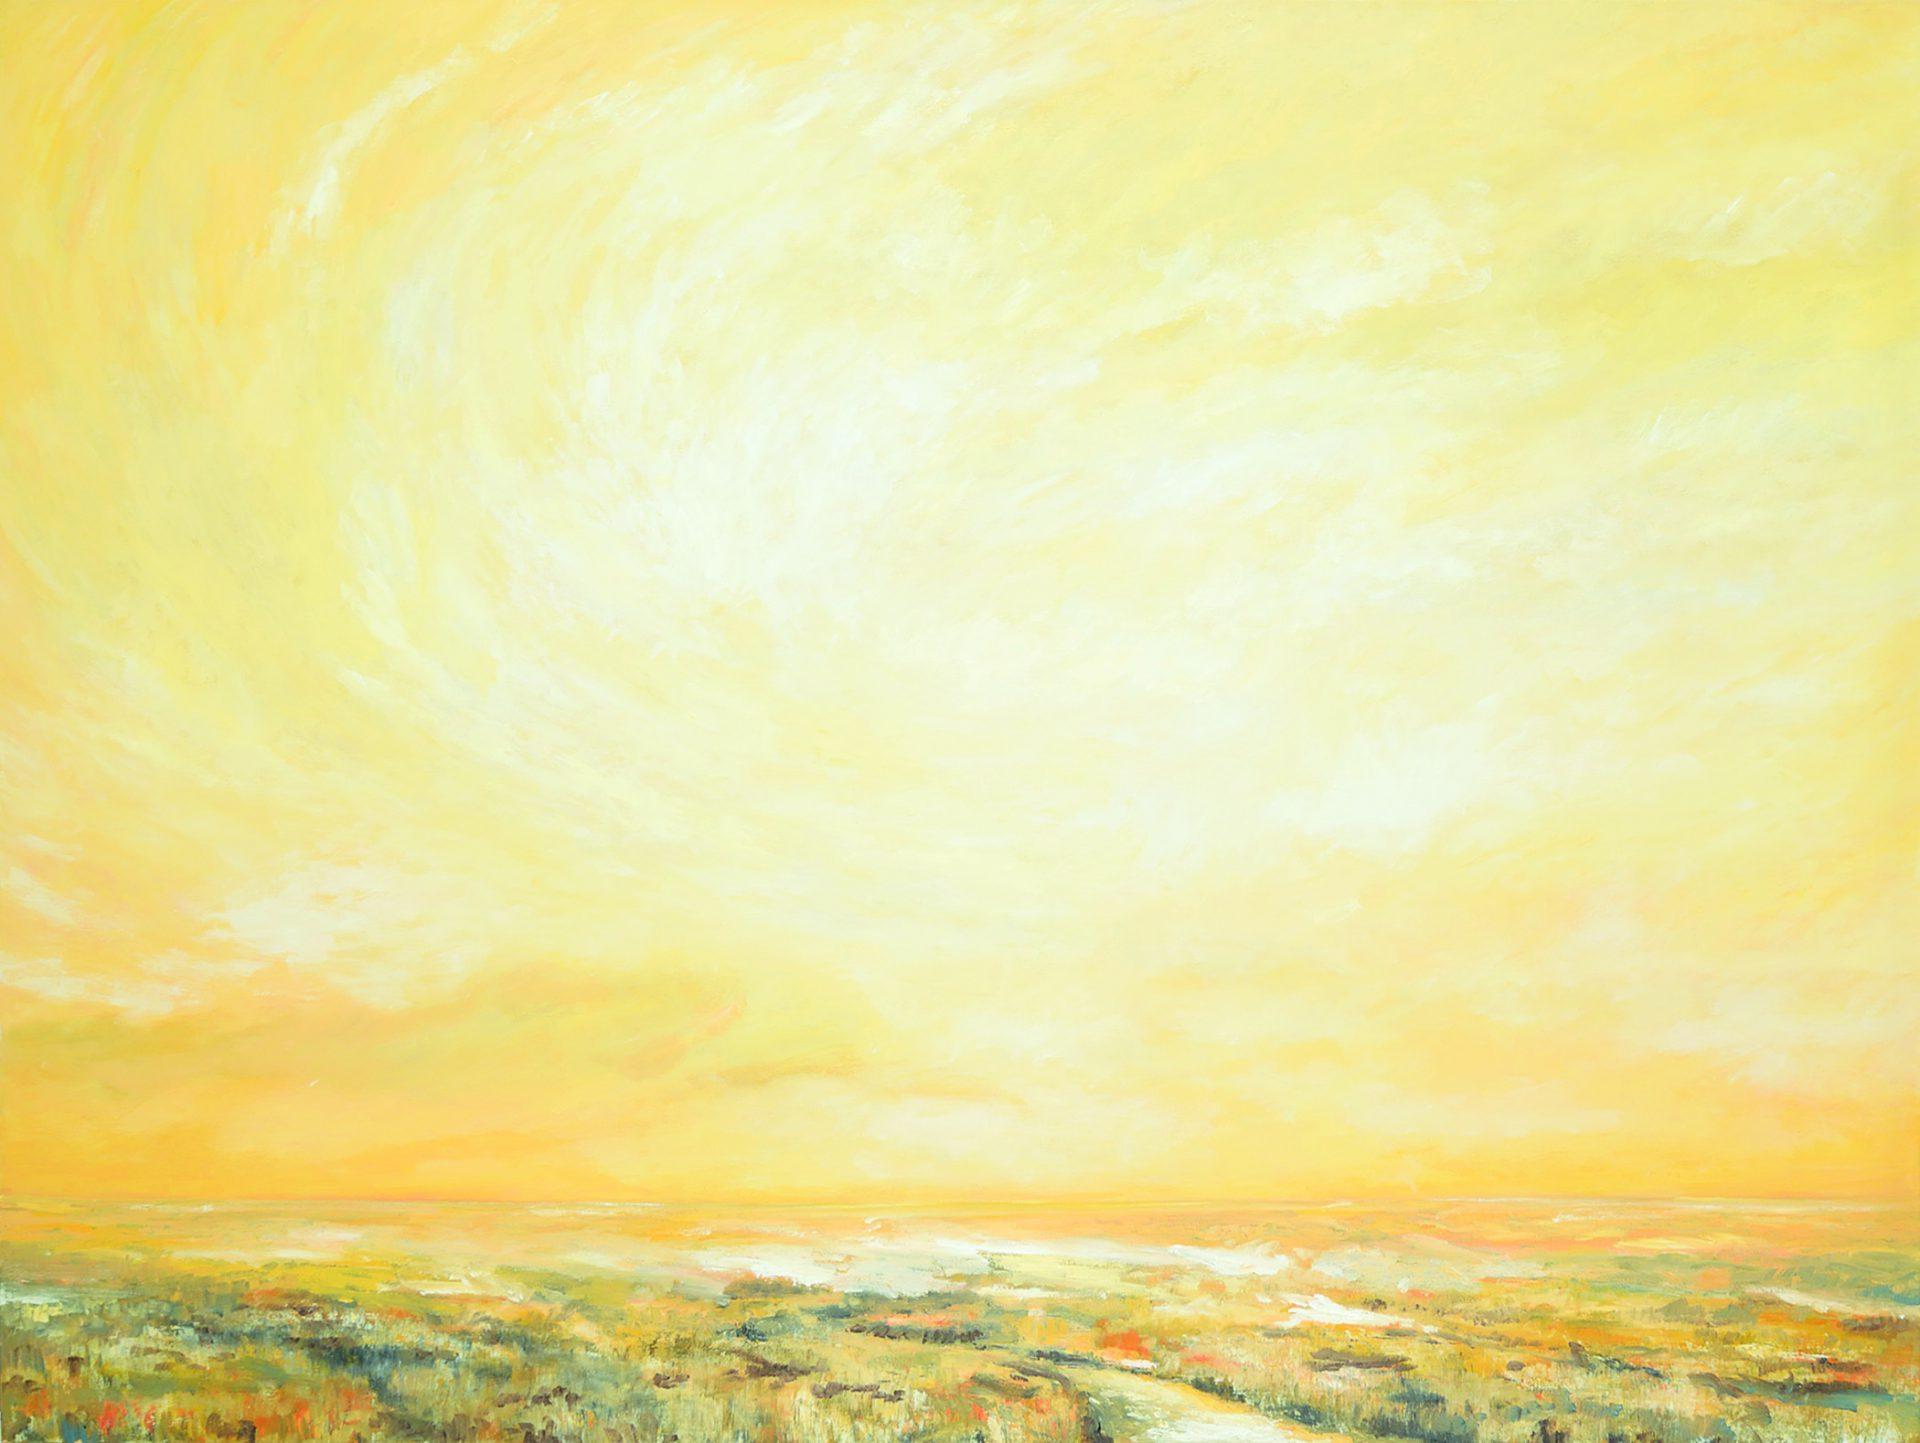 Winter Sky II, Dale Kirschenman 2009